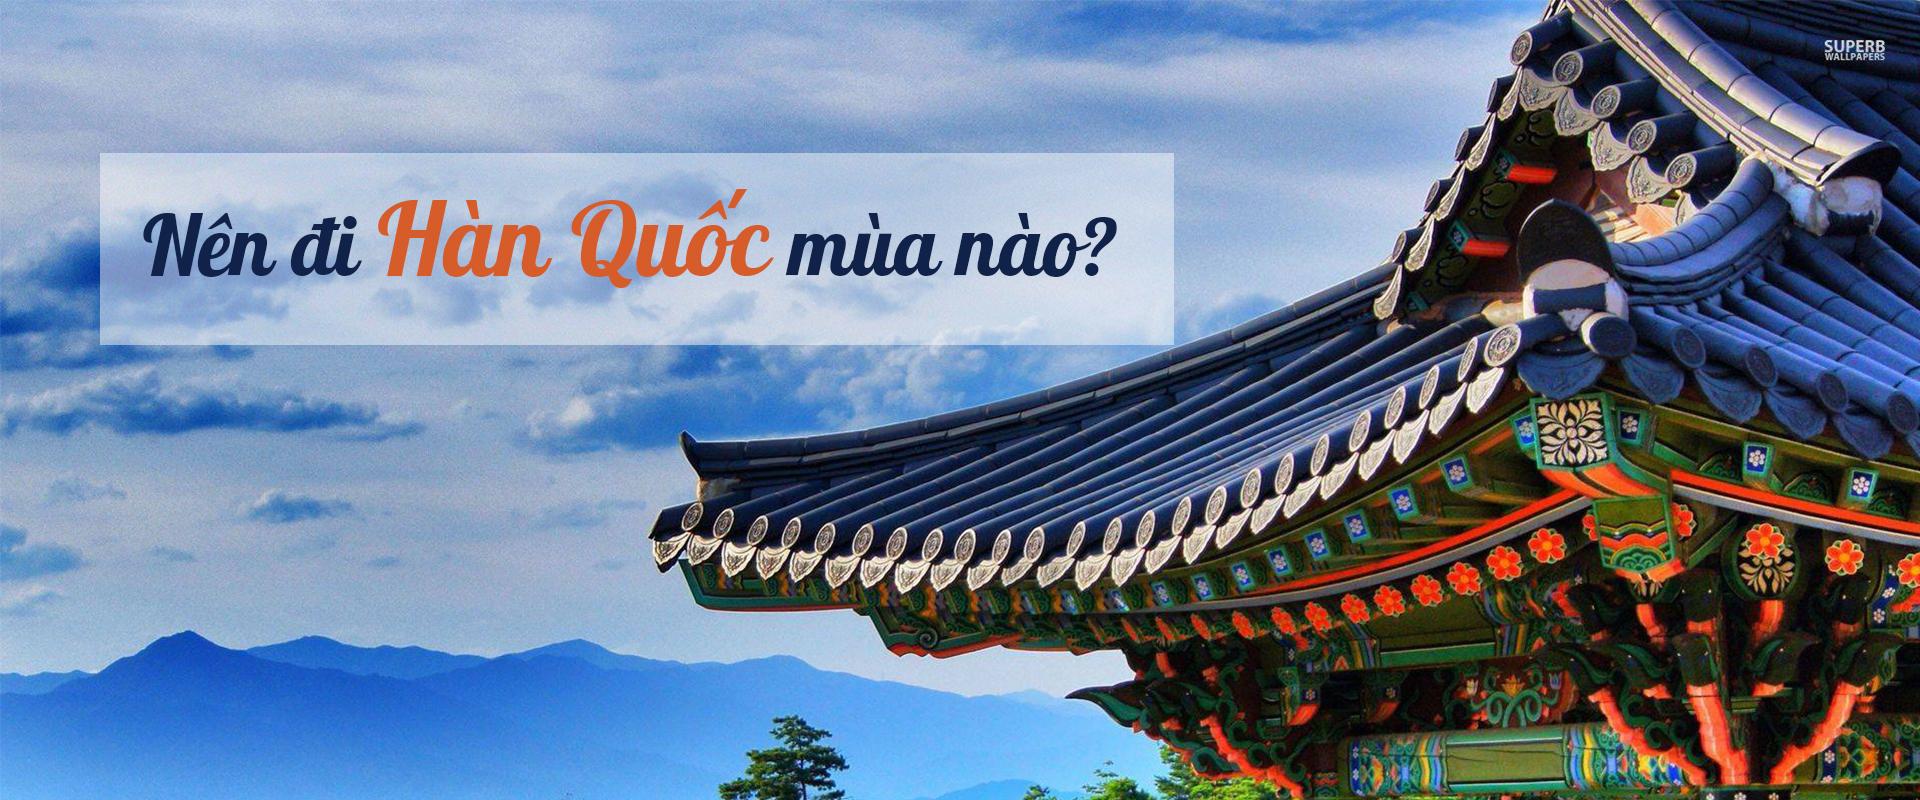 Du lịch Hàn Quốc nên đi mùa nào đẹp nhất?